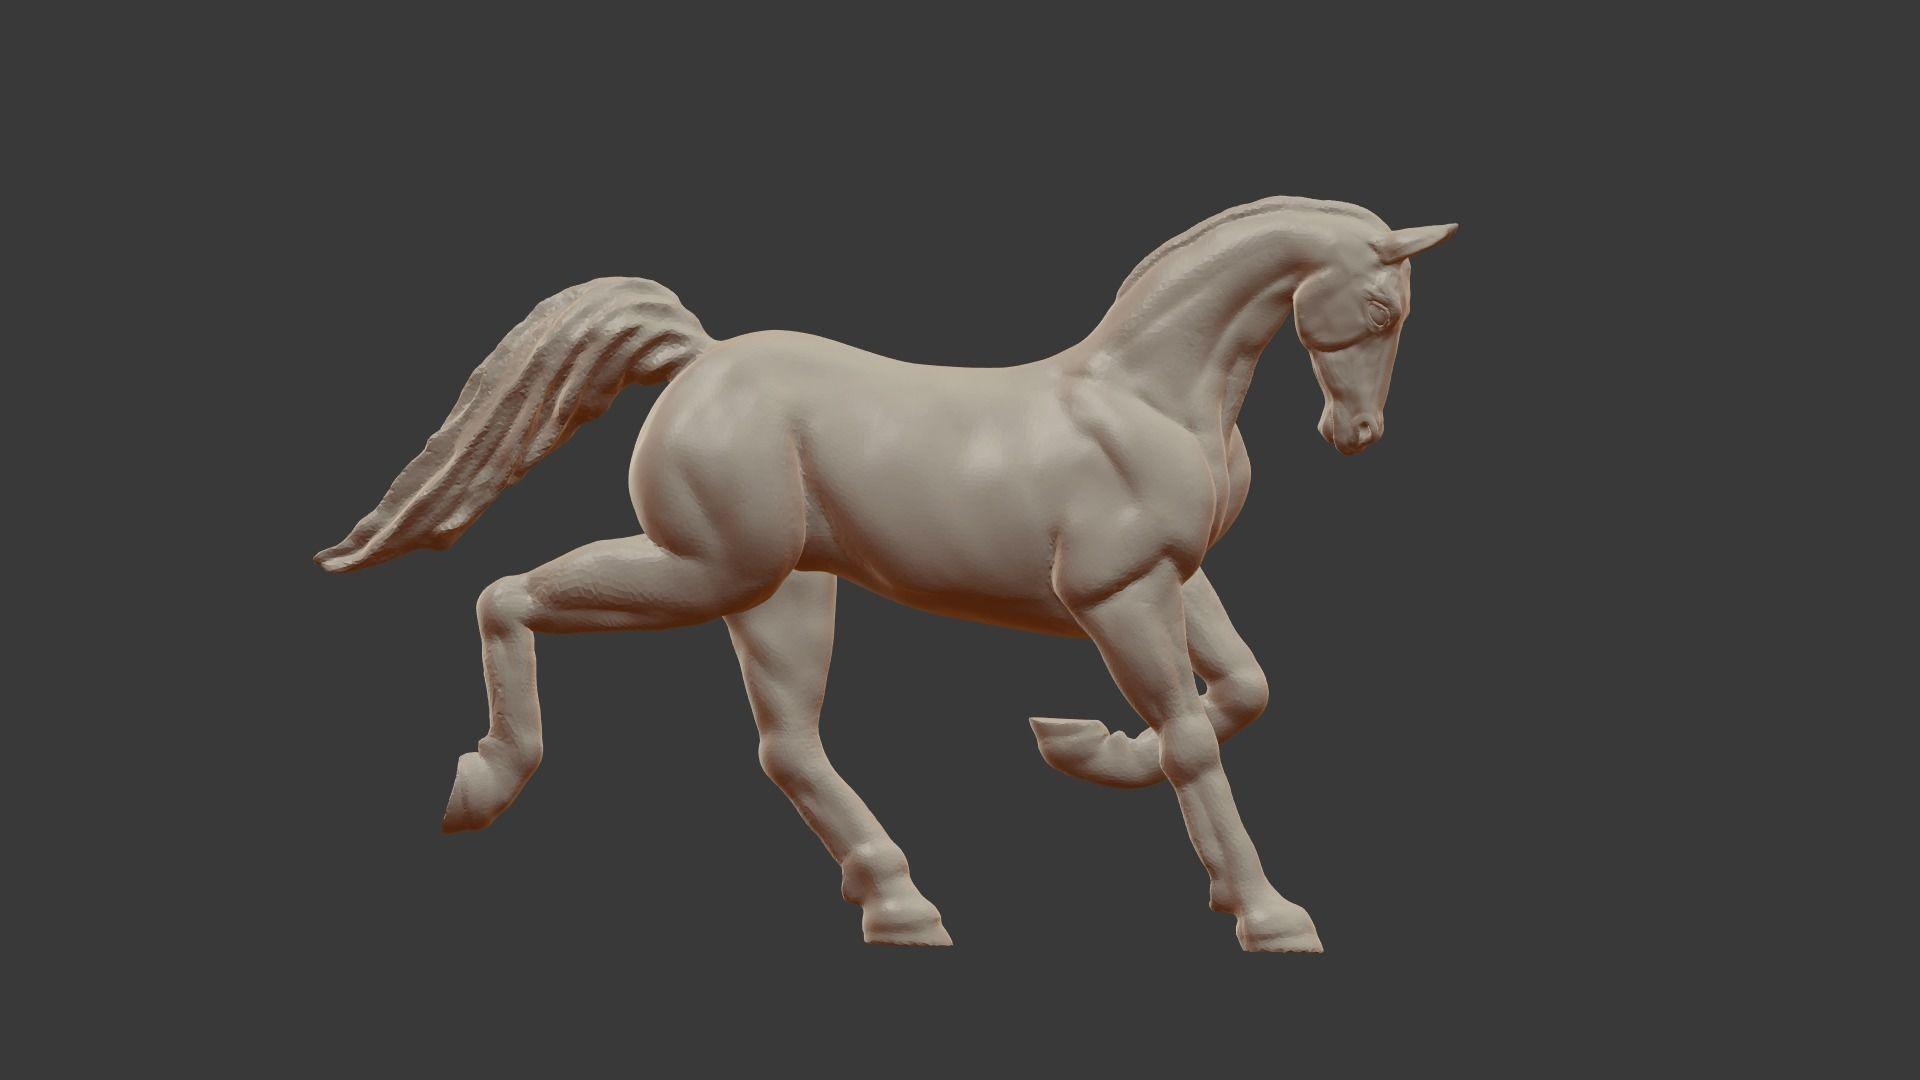 Sculpture Of A Running Horse 3d Print Model Cgtrader